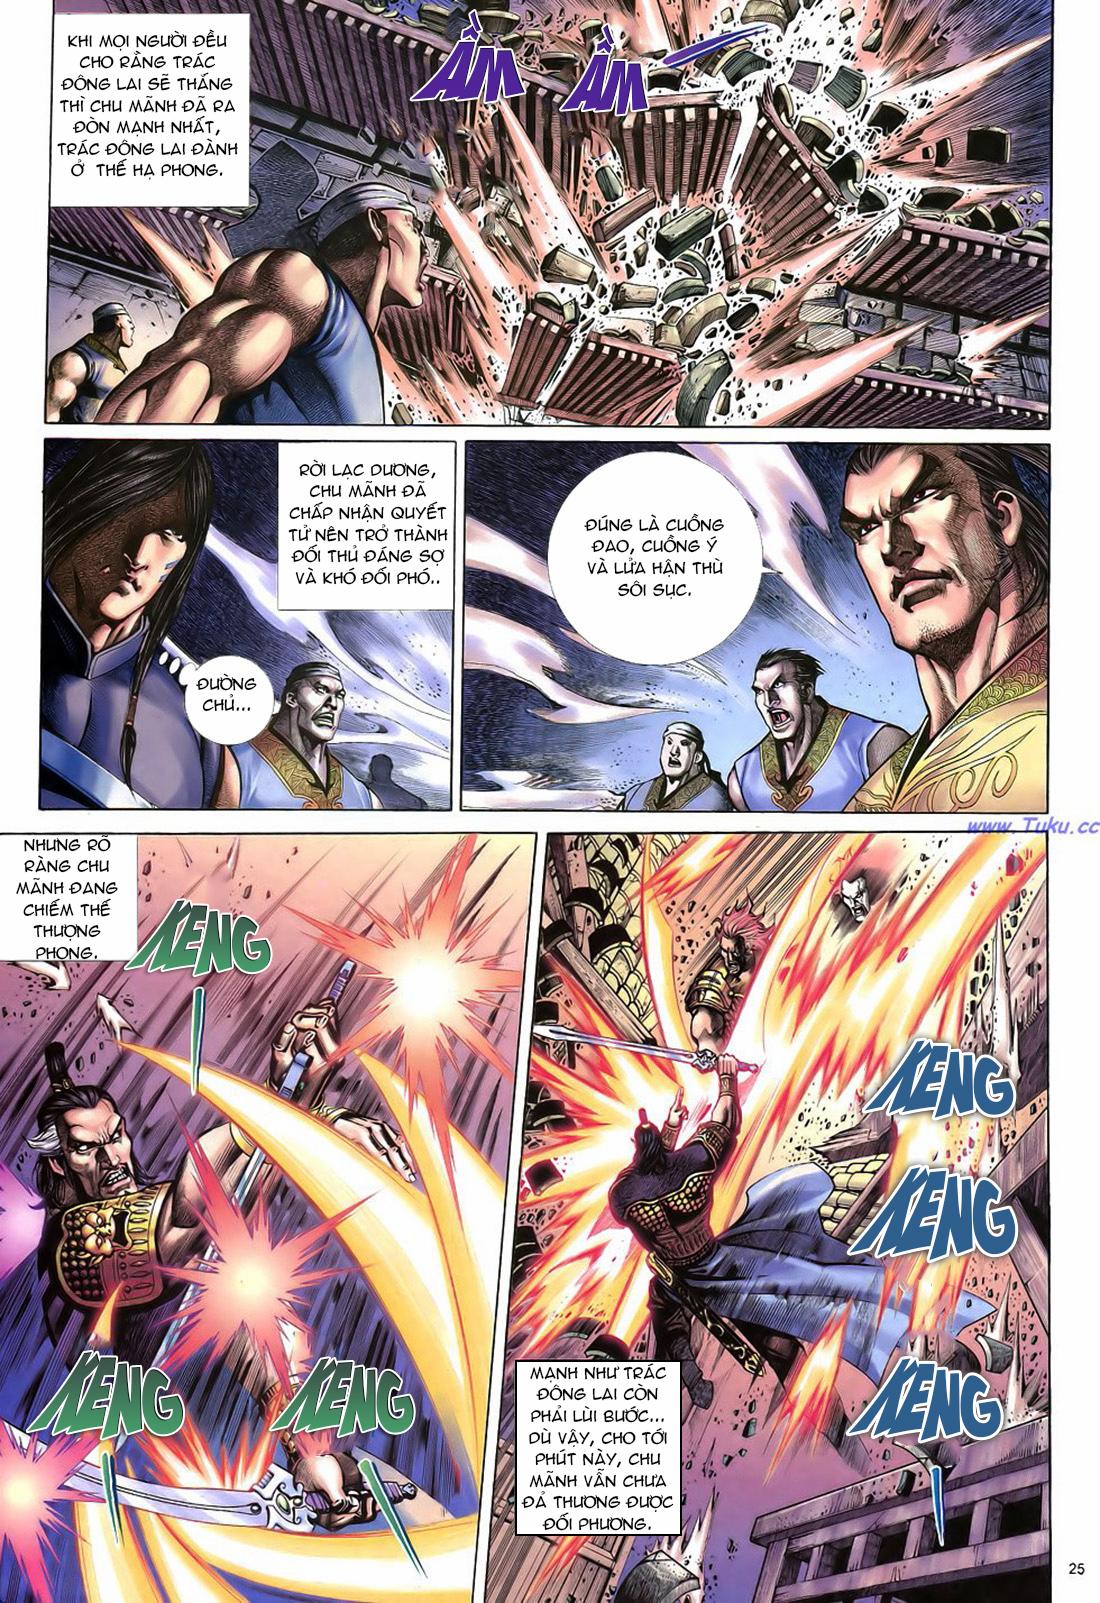 Anh hùng vô lệ Chap 22 trang 26